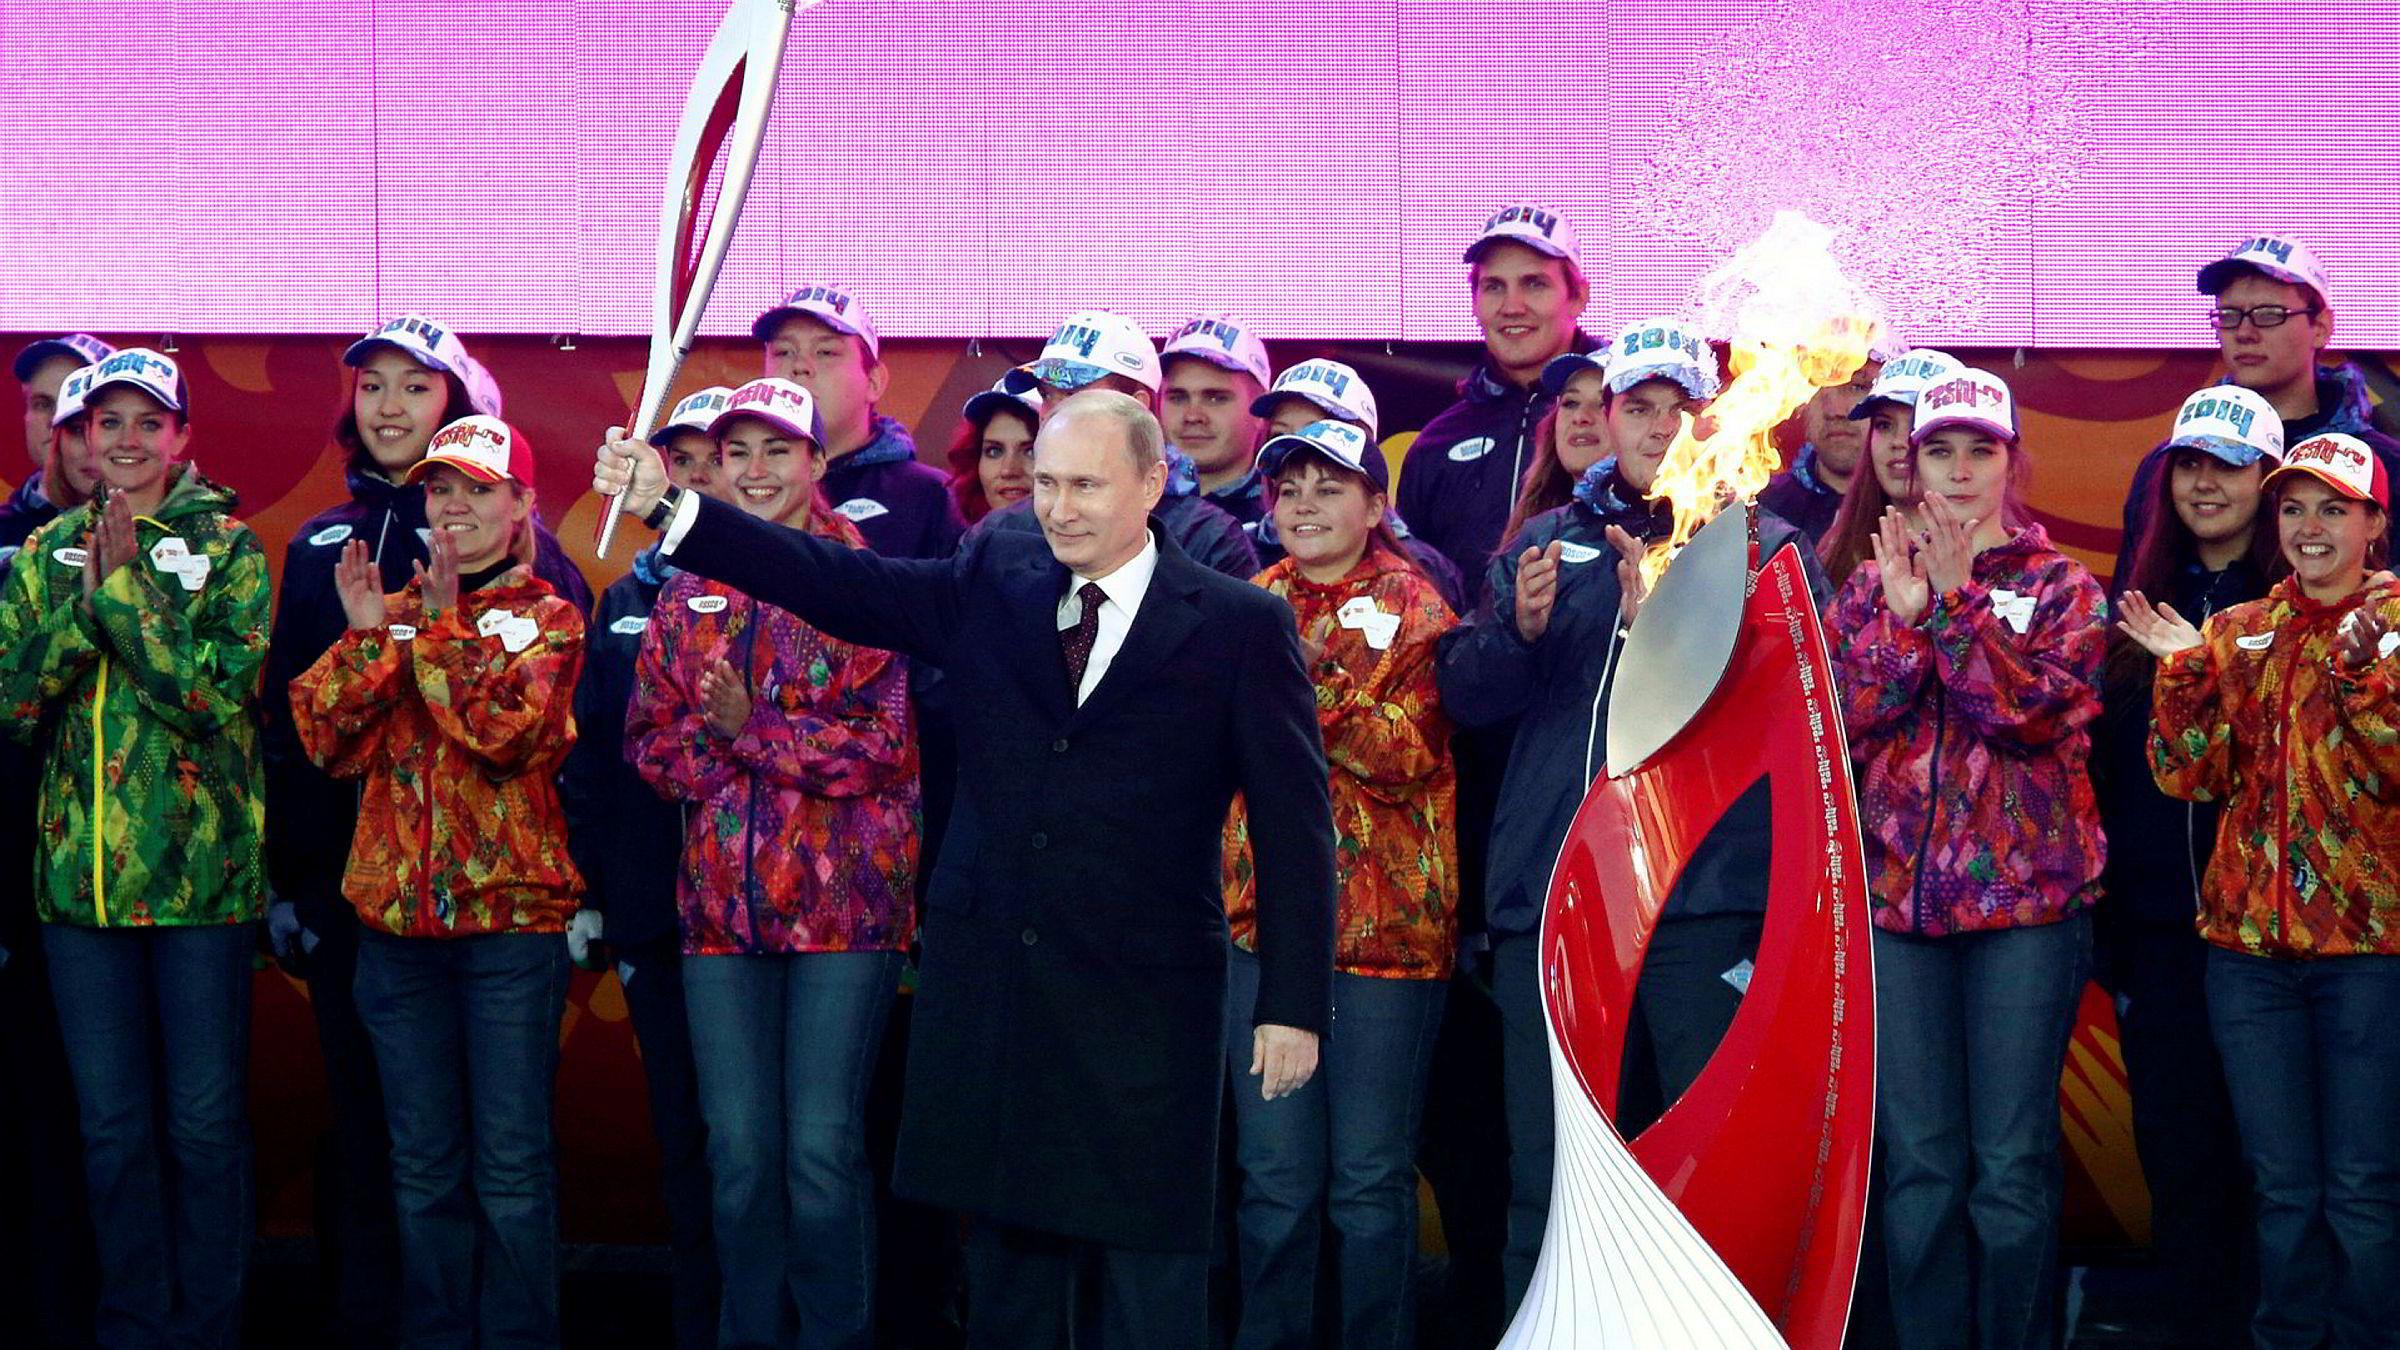 Sotsji-OL i 2014 var president Vladimir Putins store prestisjeprosjekt. Men det markerte også begynnelsen på historiens største dopingskandale.